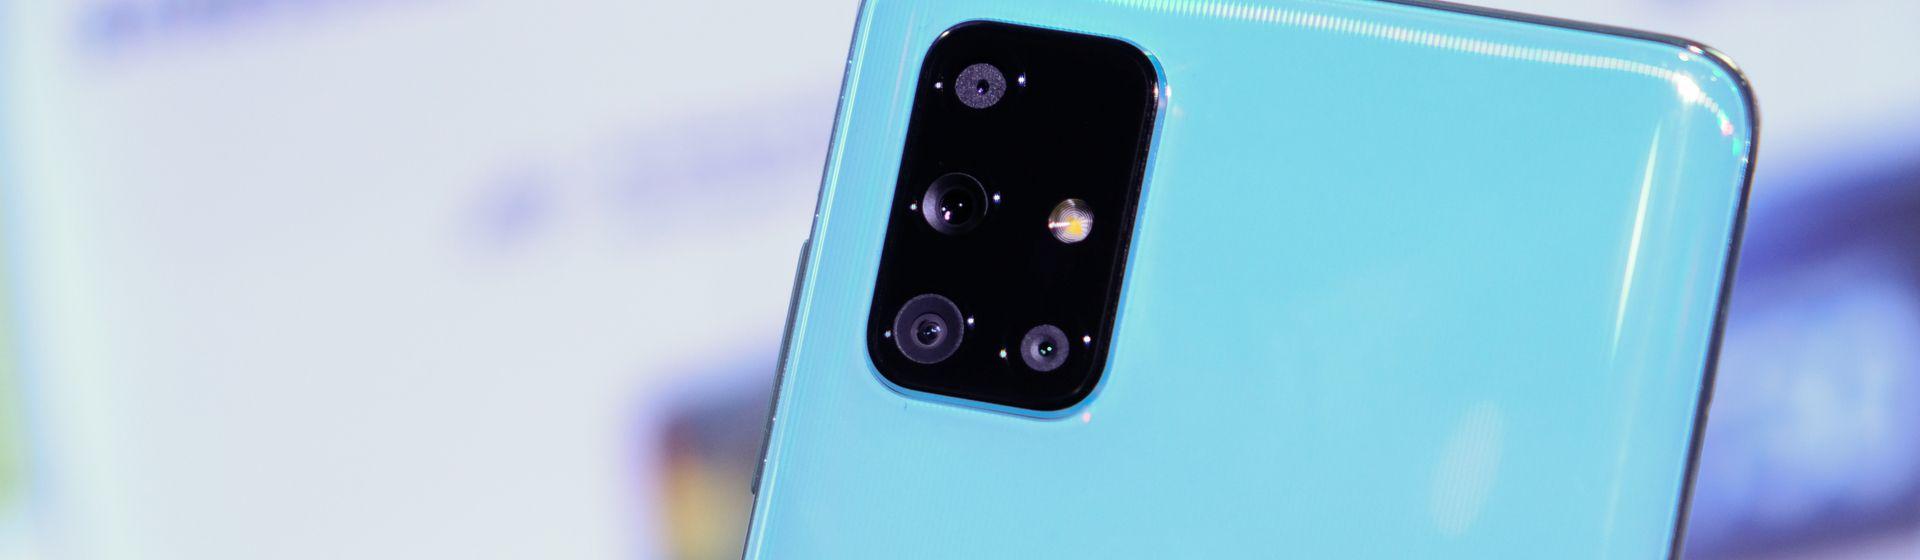 Rumores indicam que Galaxy A72 será o primeiro celular com cinco câmeras da Samsung